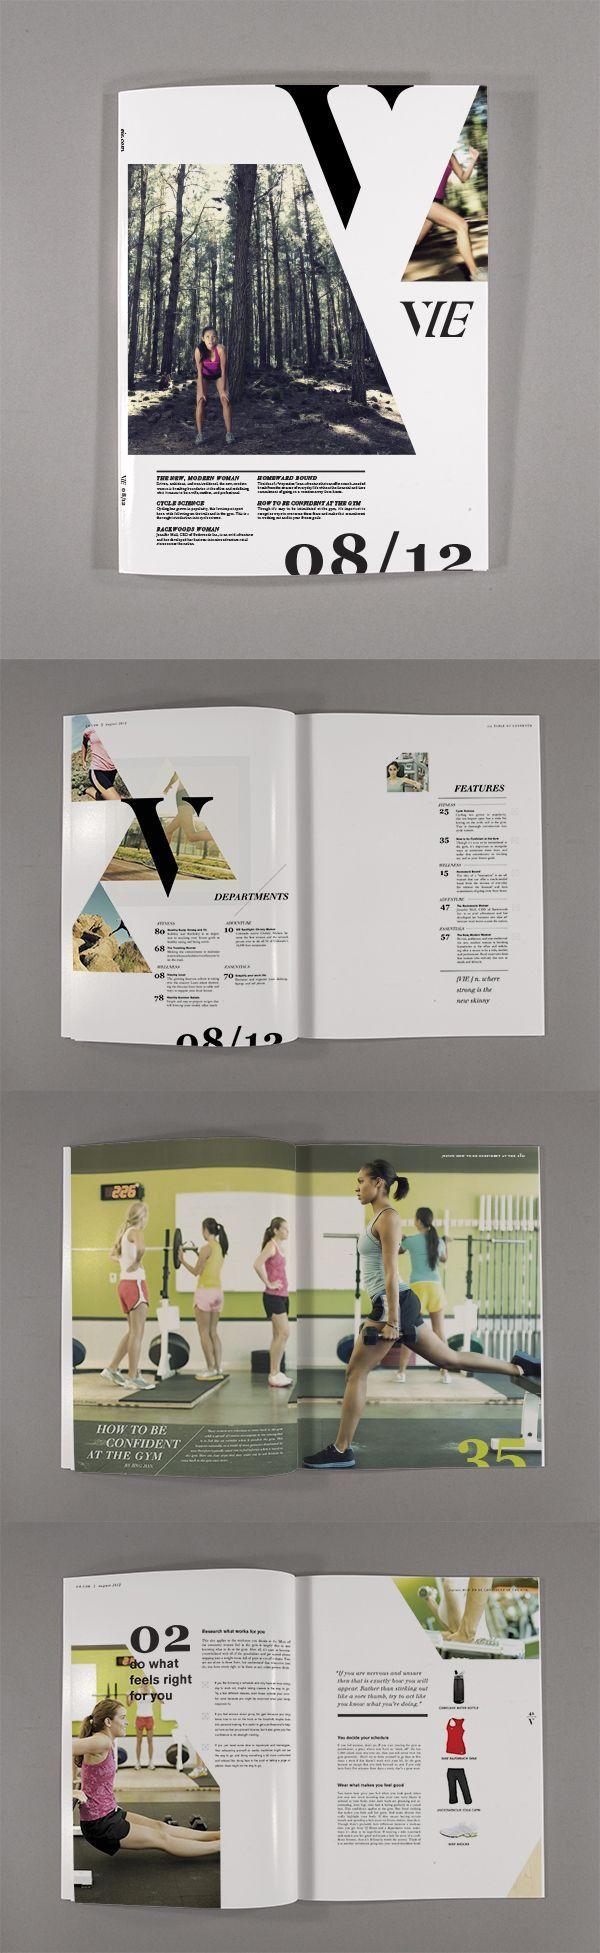 http://abduzeedo.com/editorial-design-inspiration